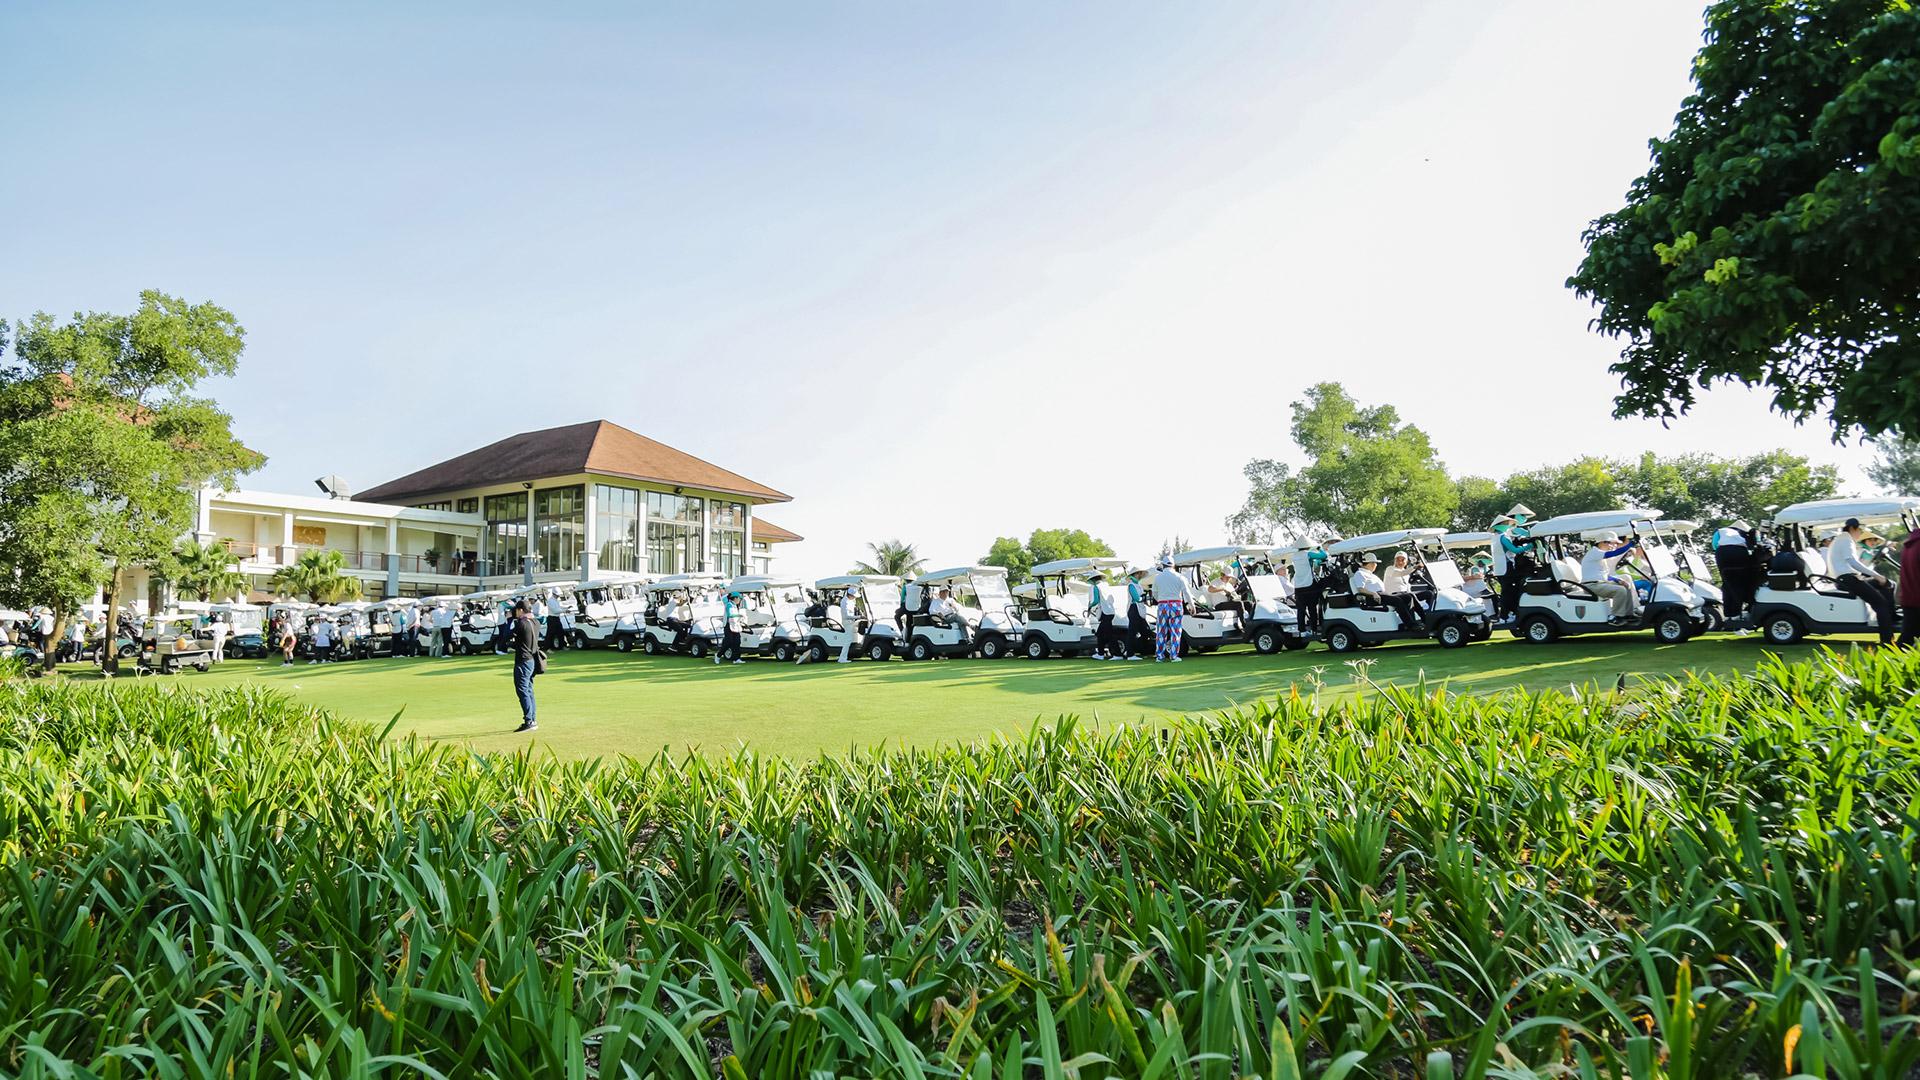 Giải golf từ thiện Swing for the Heart 2018 diễn ra trong 2 ngày 6-7/9/2018 tại sân Laguna Golf Lăng Cô